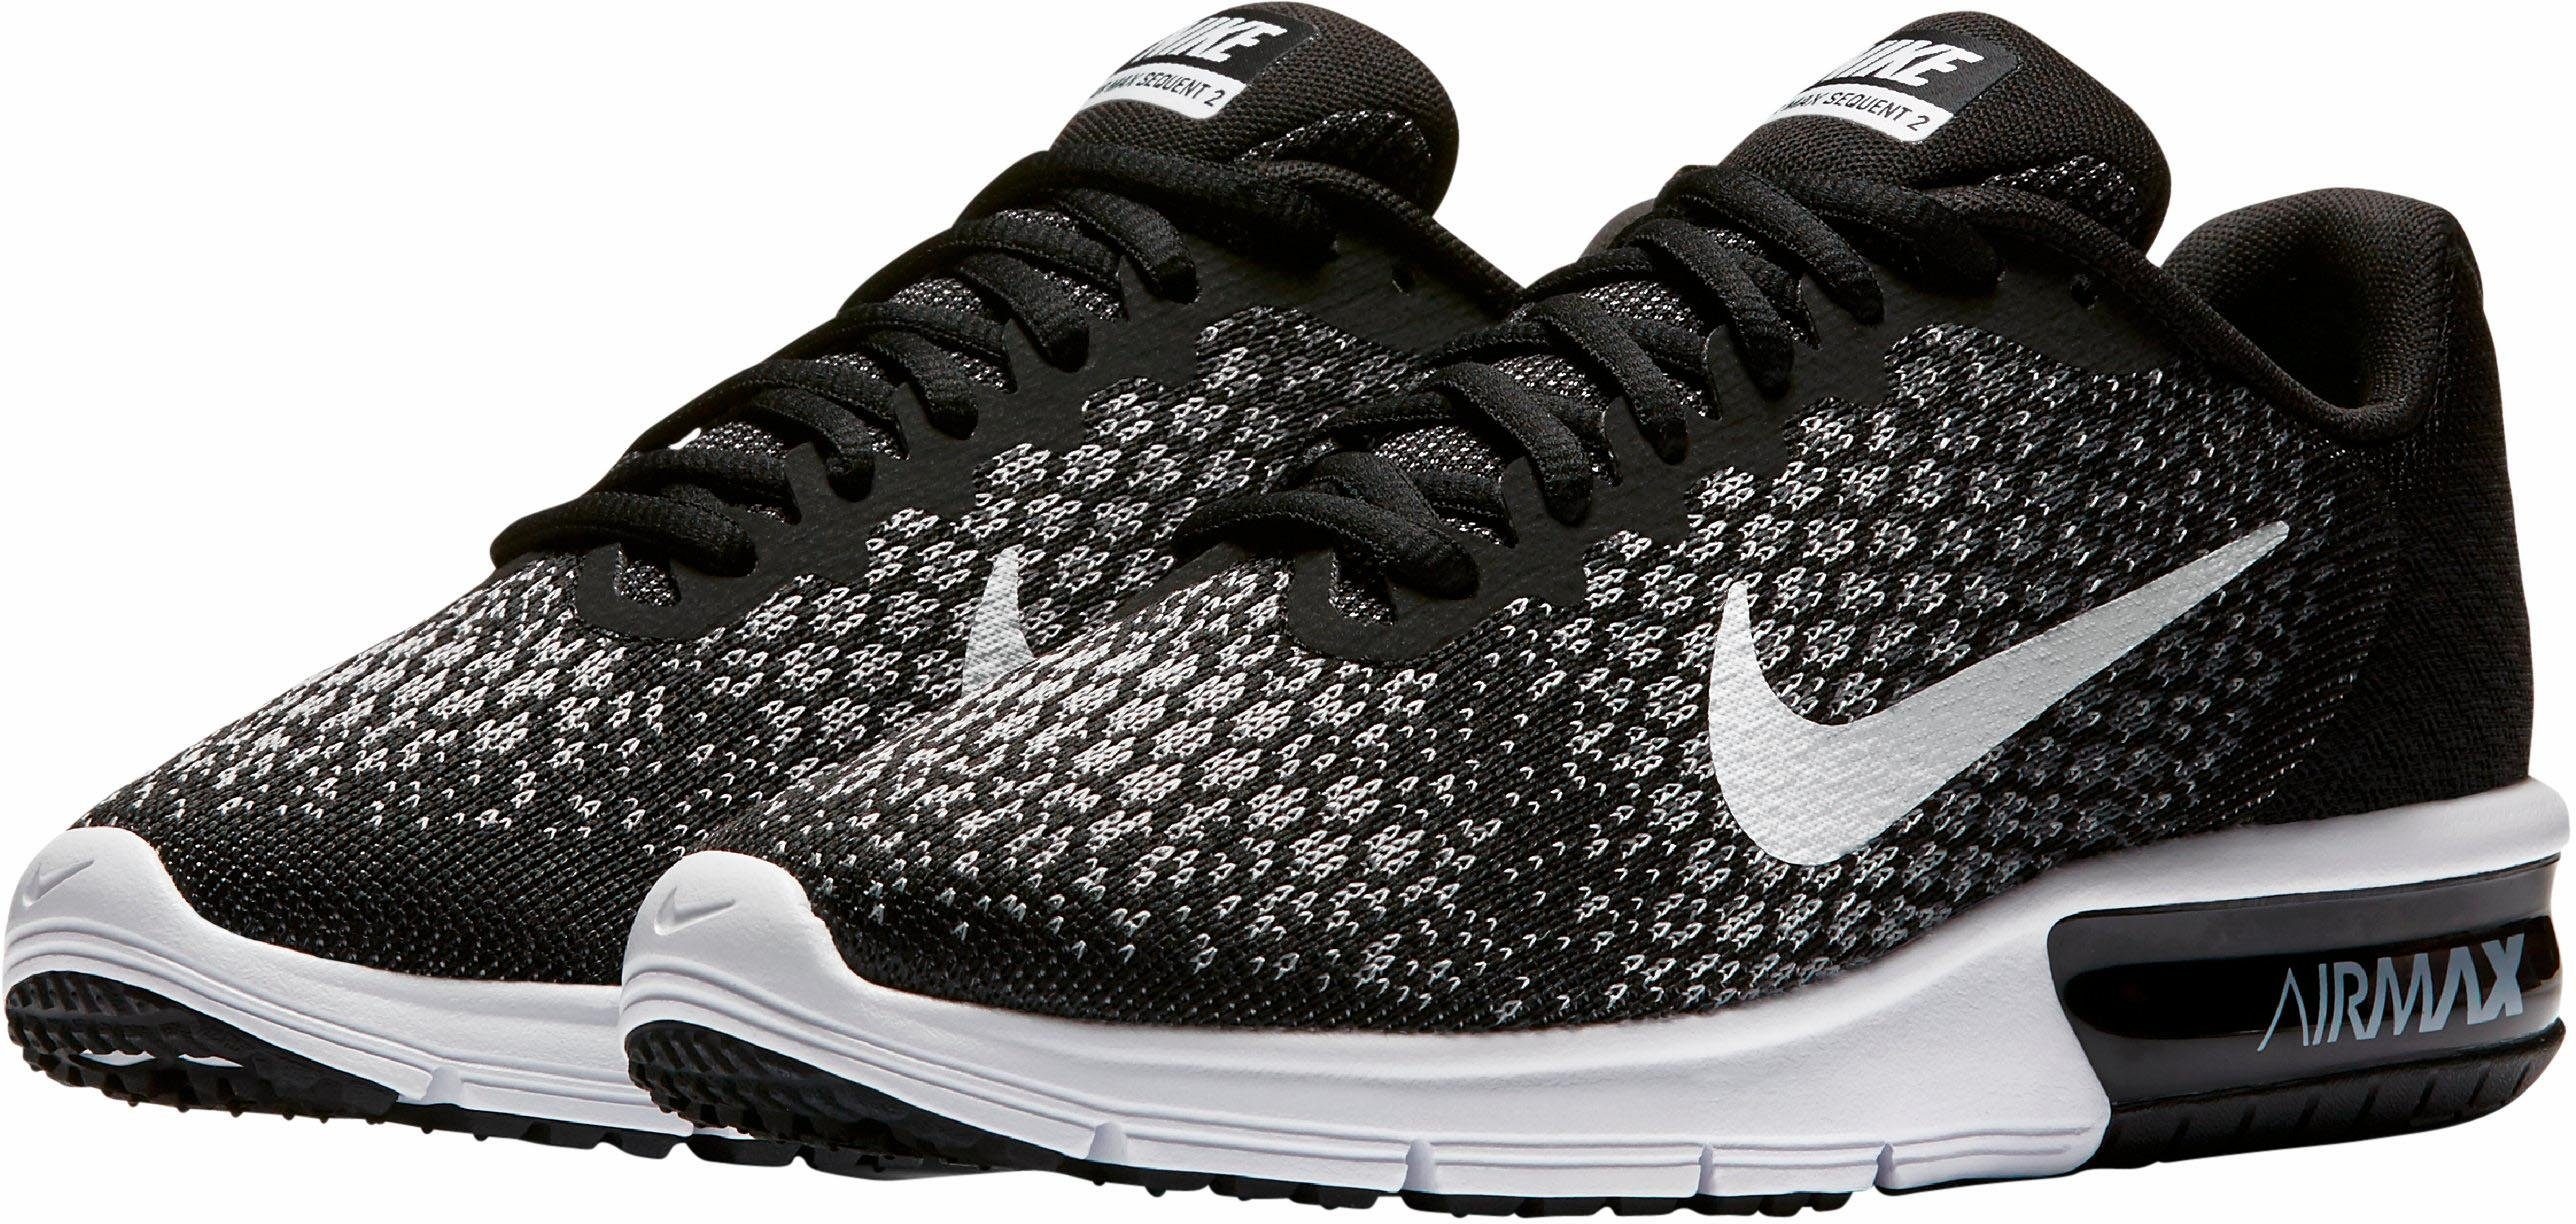 Nike Wmns Air Max Sequent 2 Laufschuh kaufen  schwarz-weiß